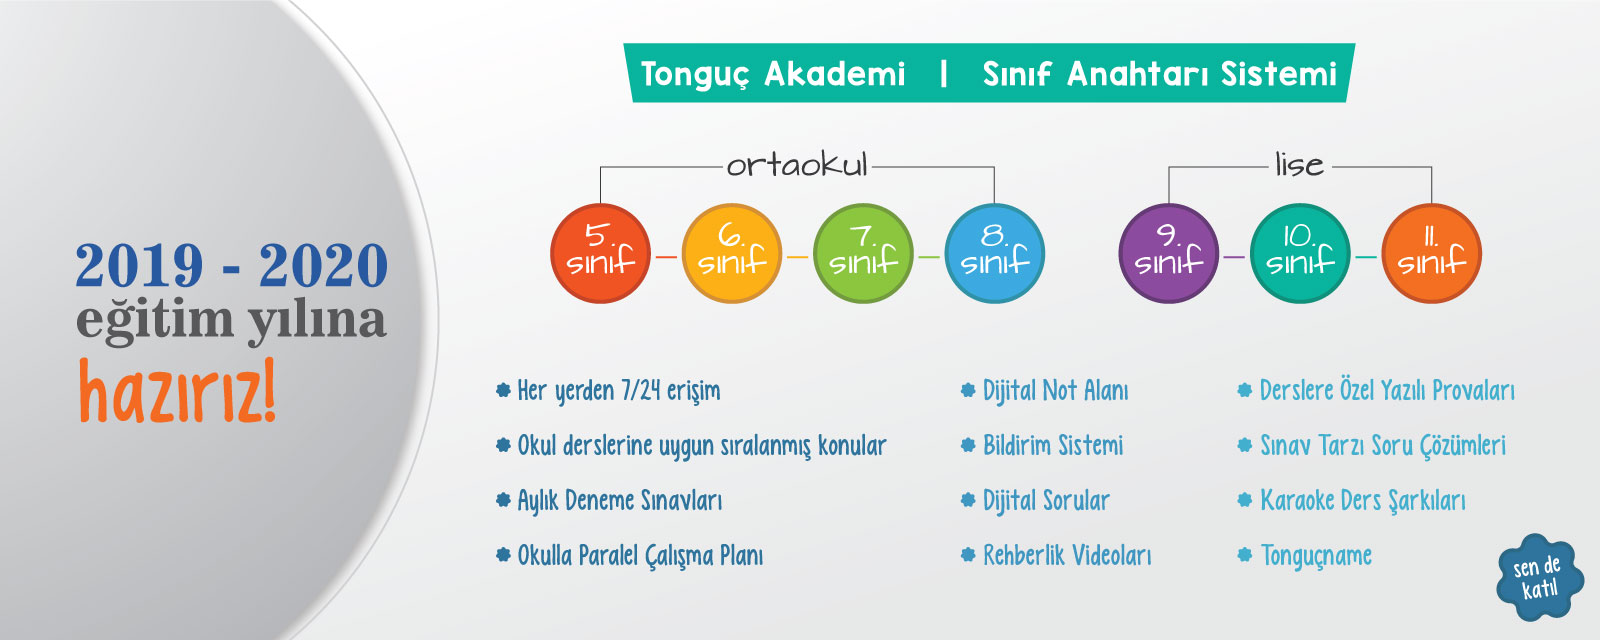 Tonguç Tanıtım 2